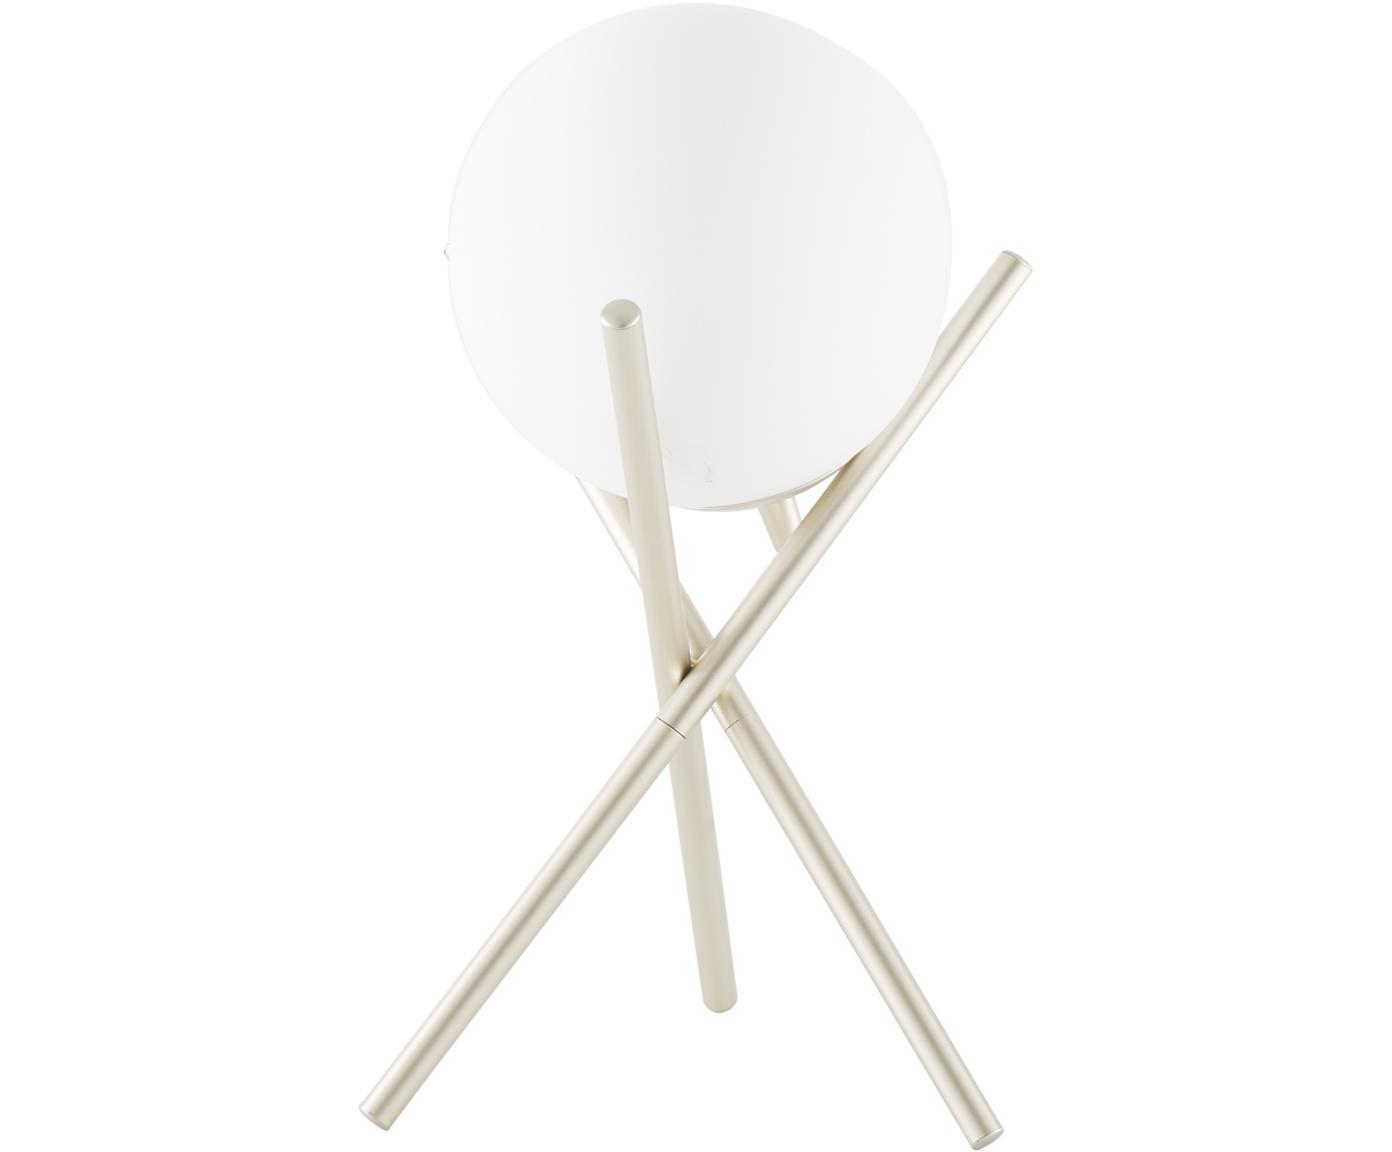 Tischleuchte Erik, Lampenschirm: Glas, Lampenfuß: Metall, lackiert, Weiß, Champagnerfarben, Ø 15 x H 33 cm